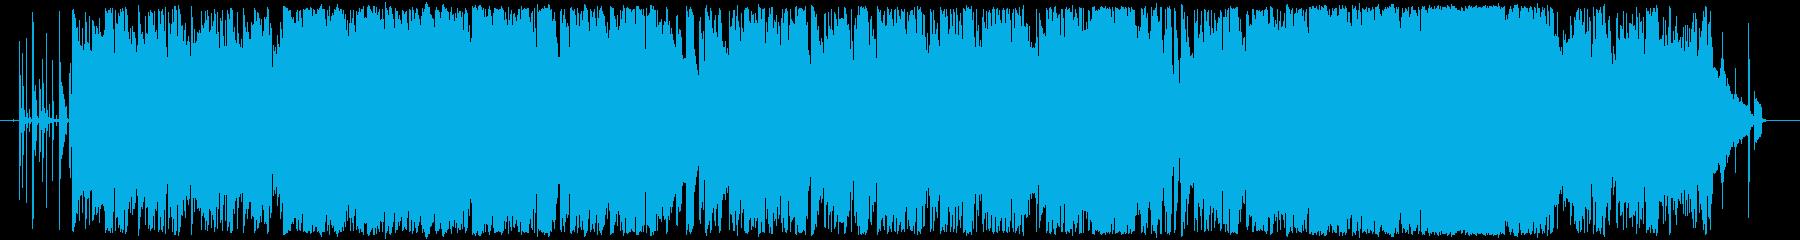 ピアノが印象的なバラードの再生済みの波形